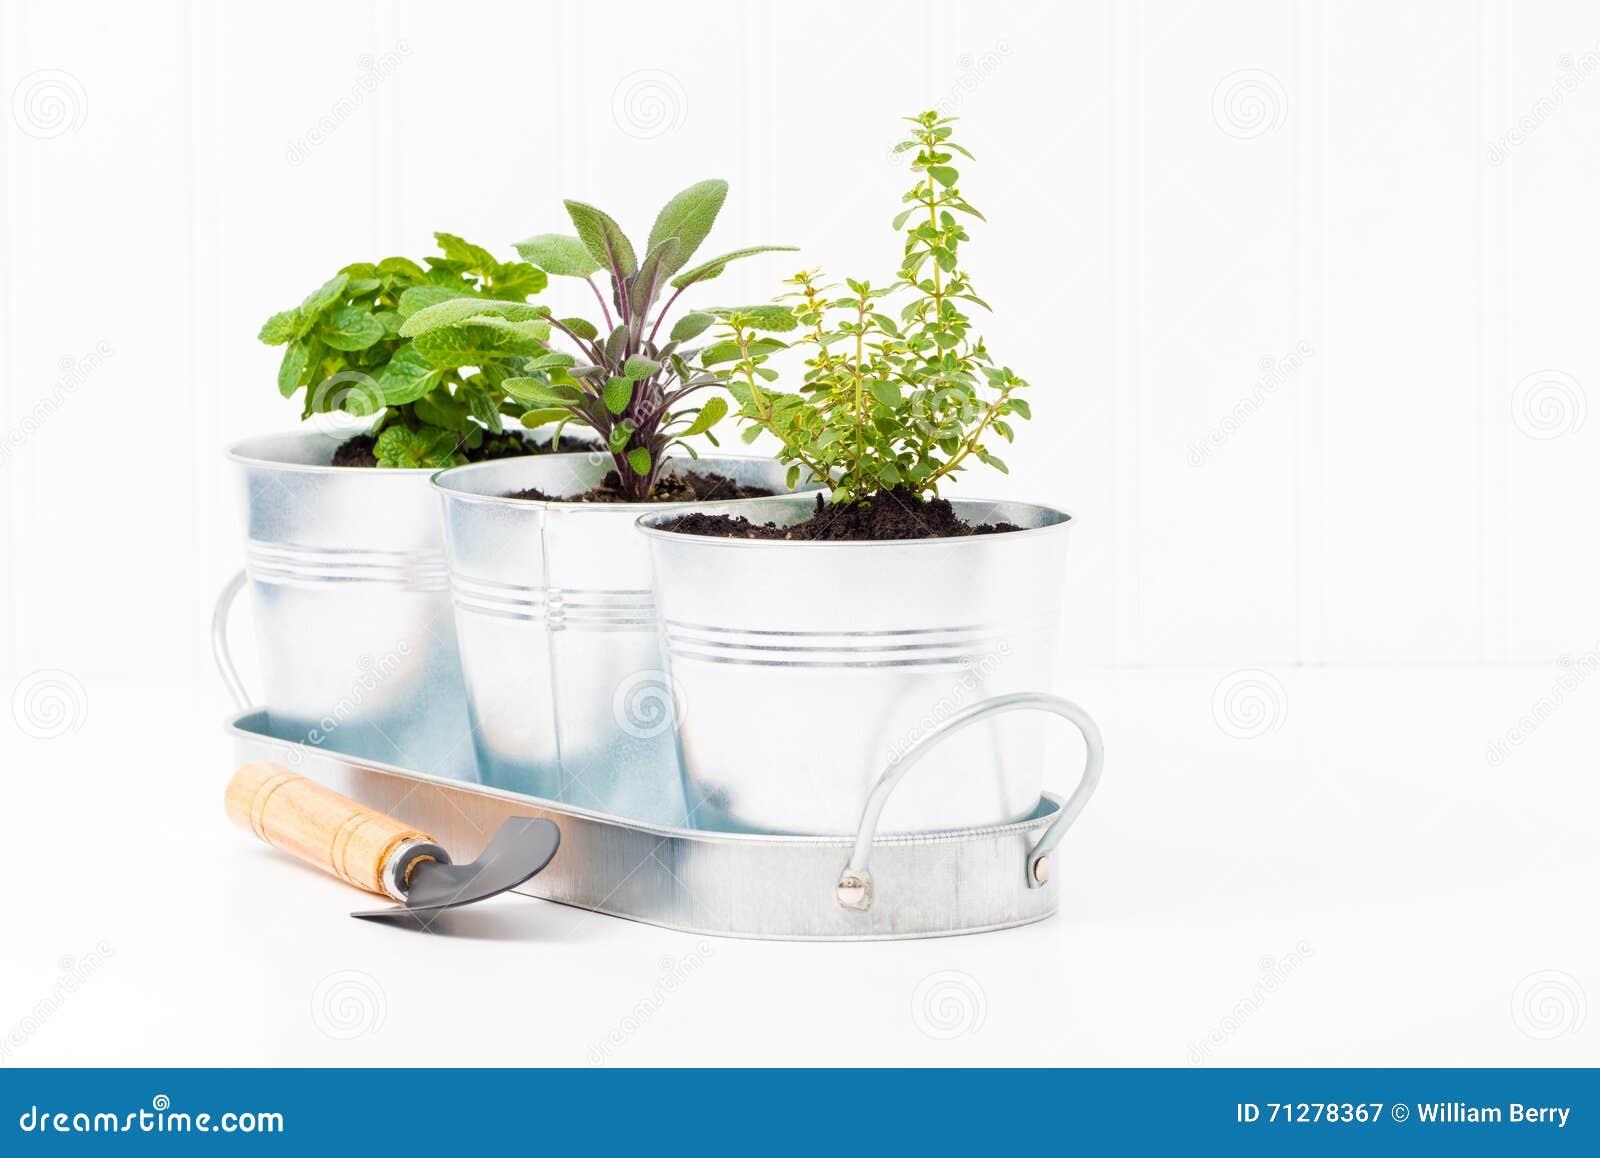 Herbes Aromatiques D Intérieur herb garden d'intérieur image stock. image du